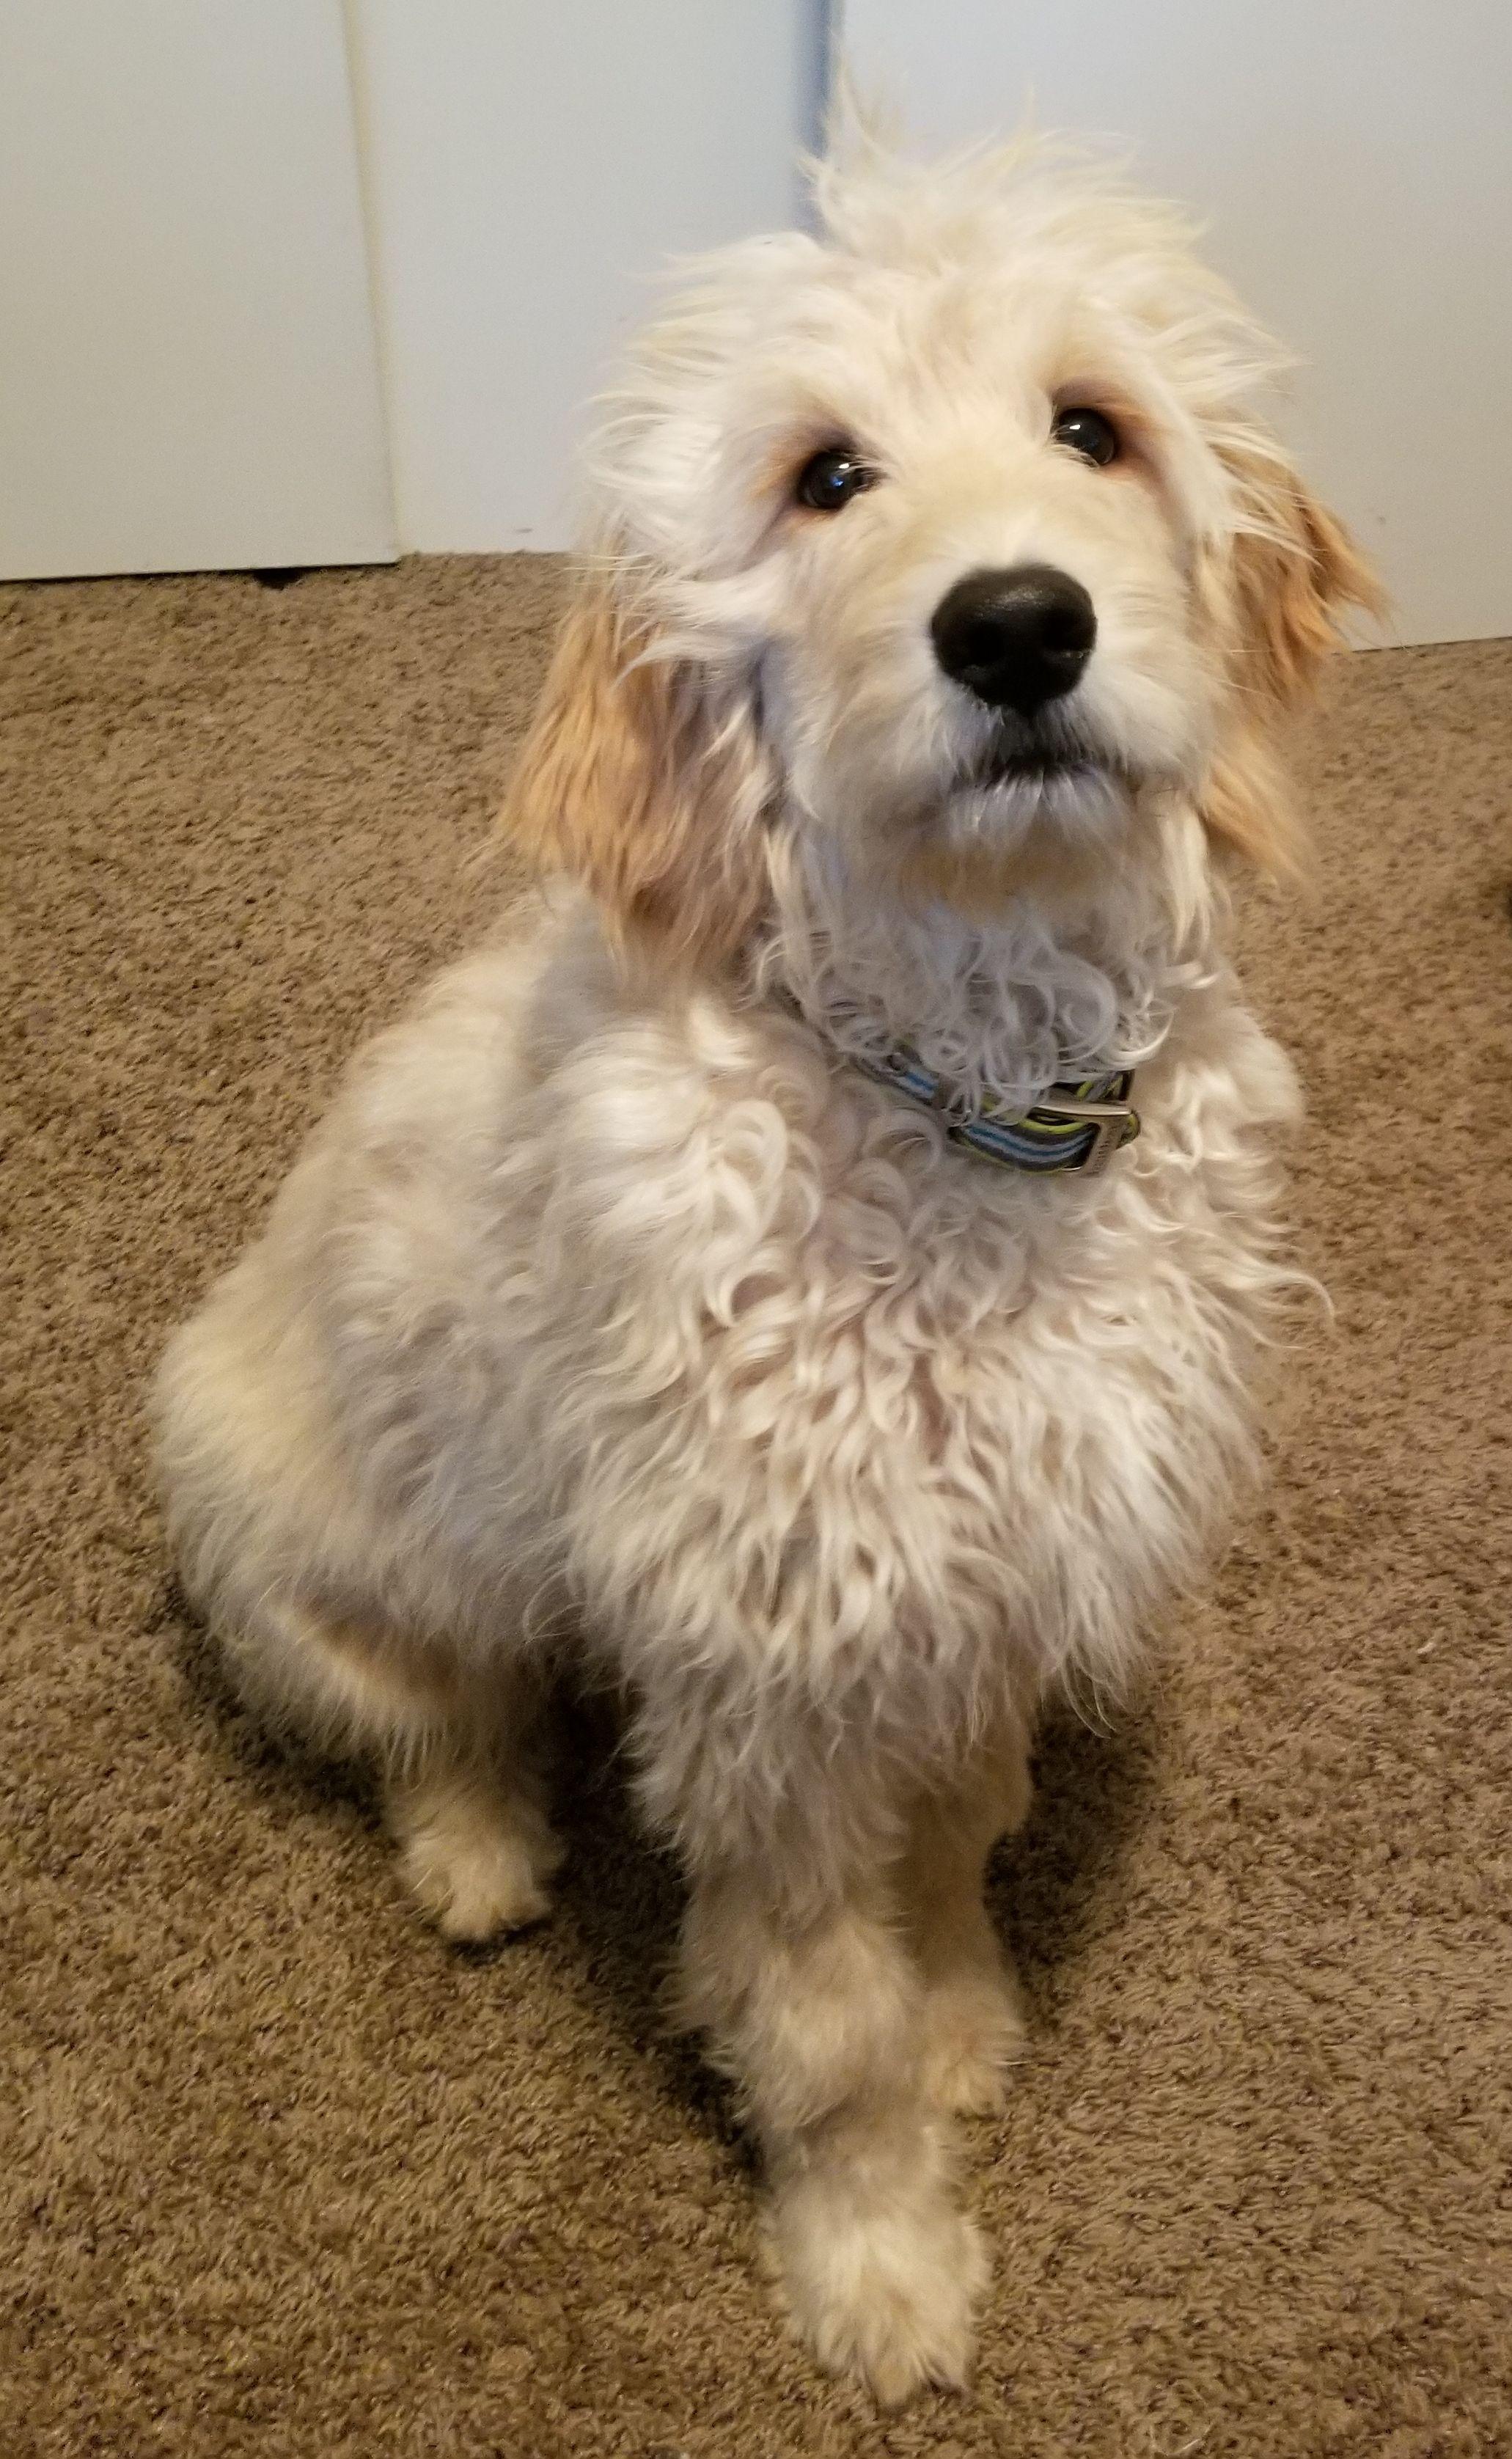 Golden Retriever Dog For Adoption In St Paul Mn Adn 540200 On